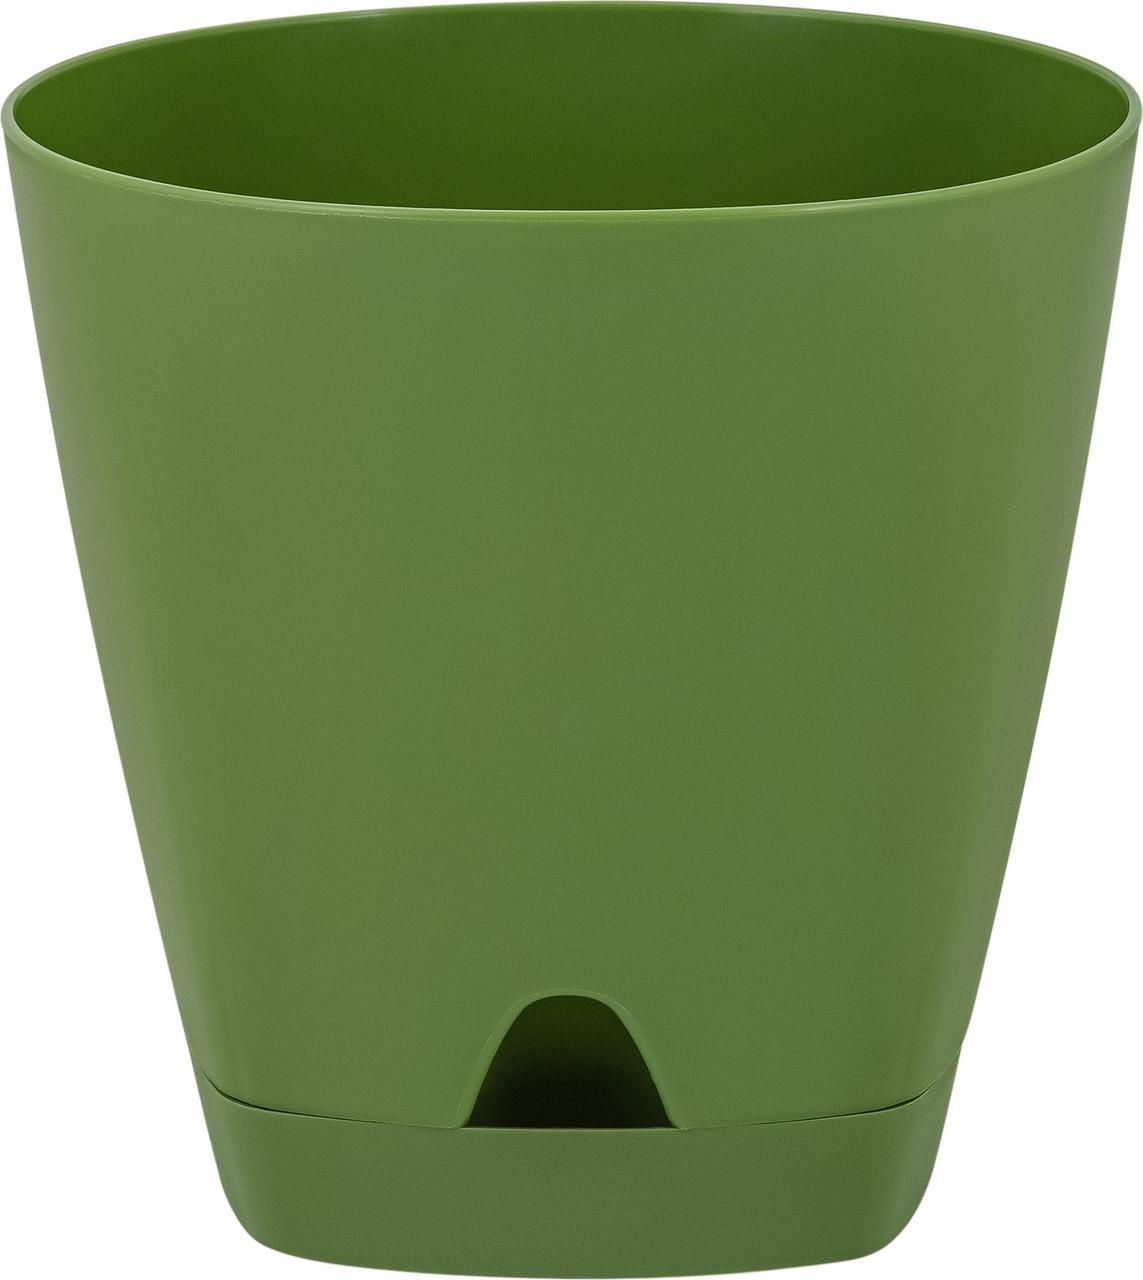 Горшок для цветов AMSTERDAM D 200 mm/4l с прикорневым поливом оливковый